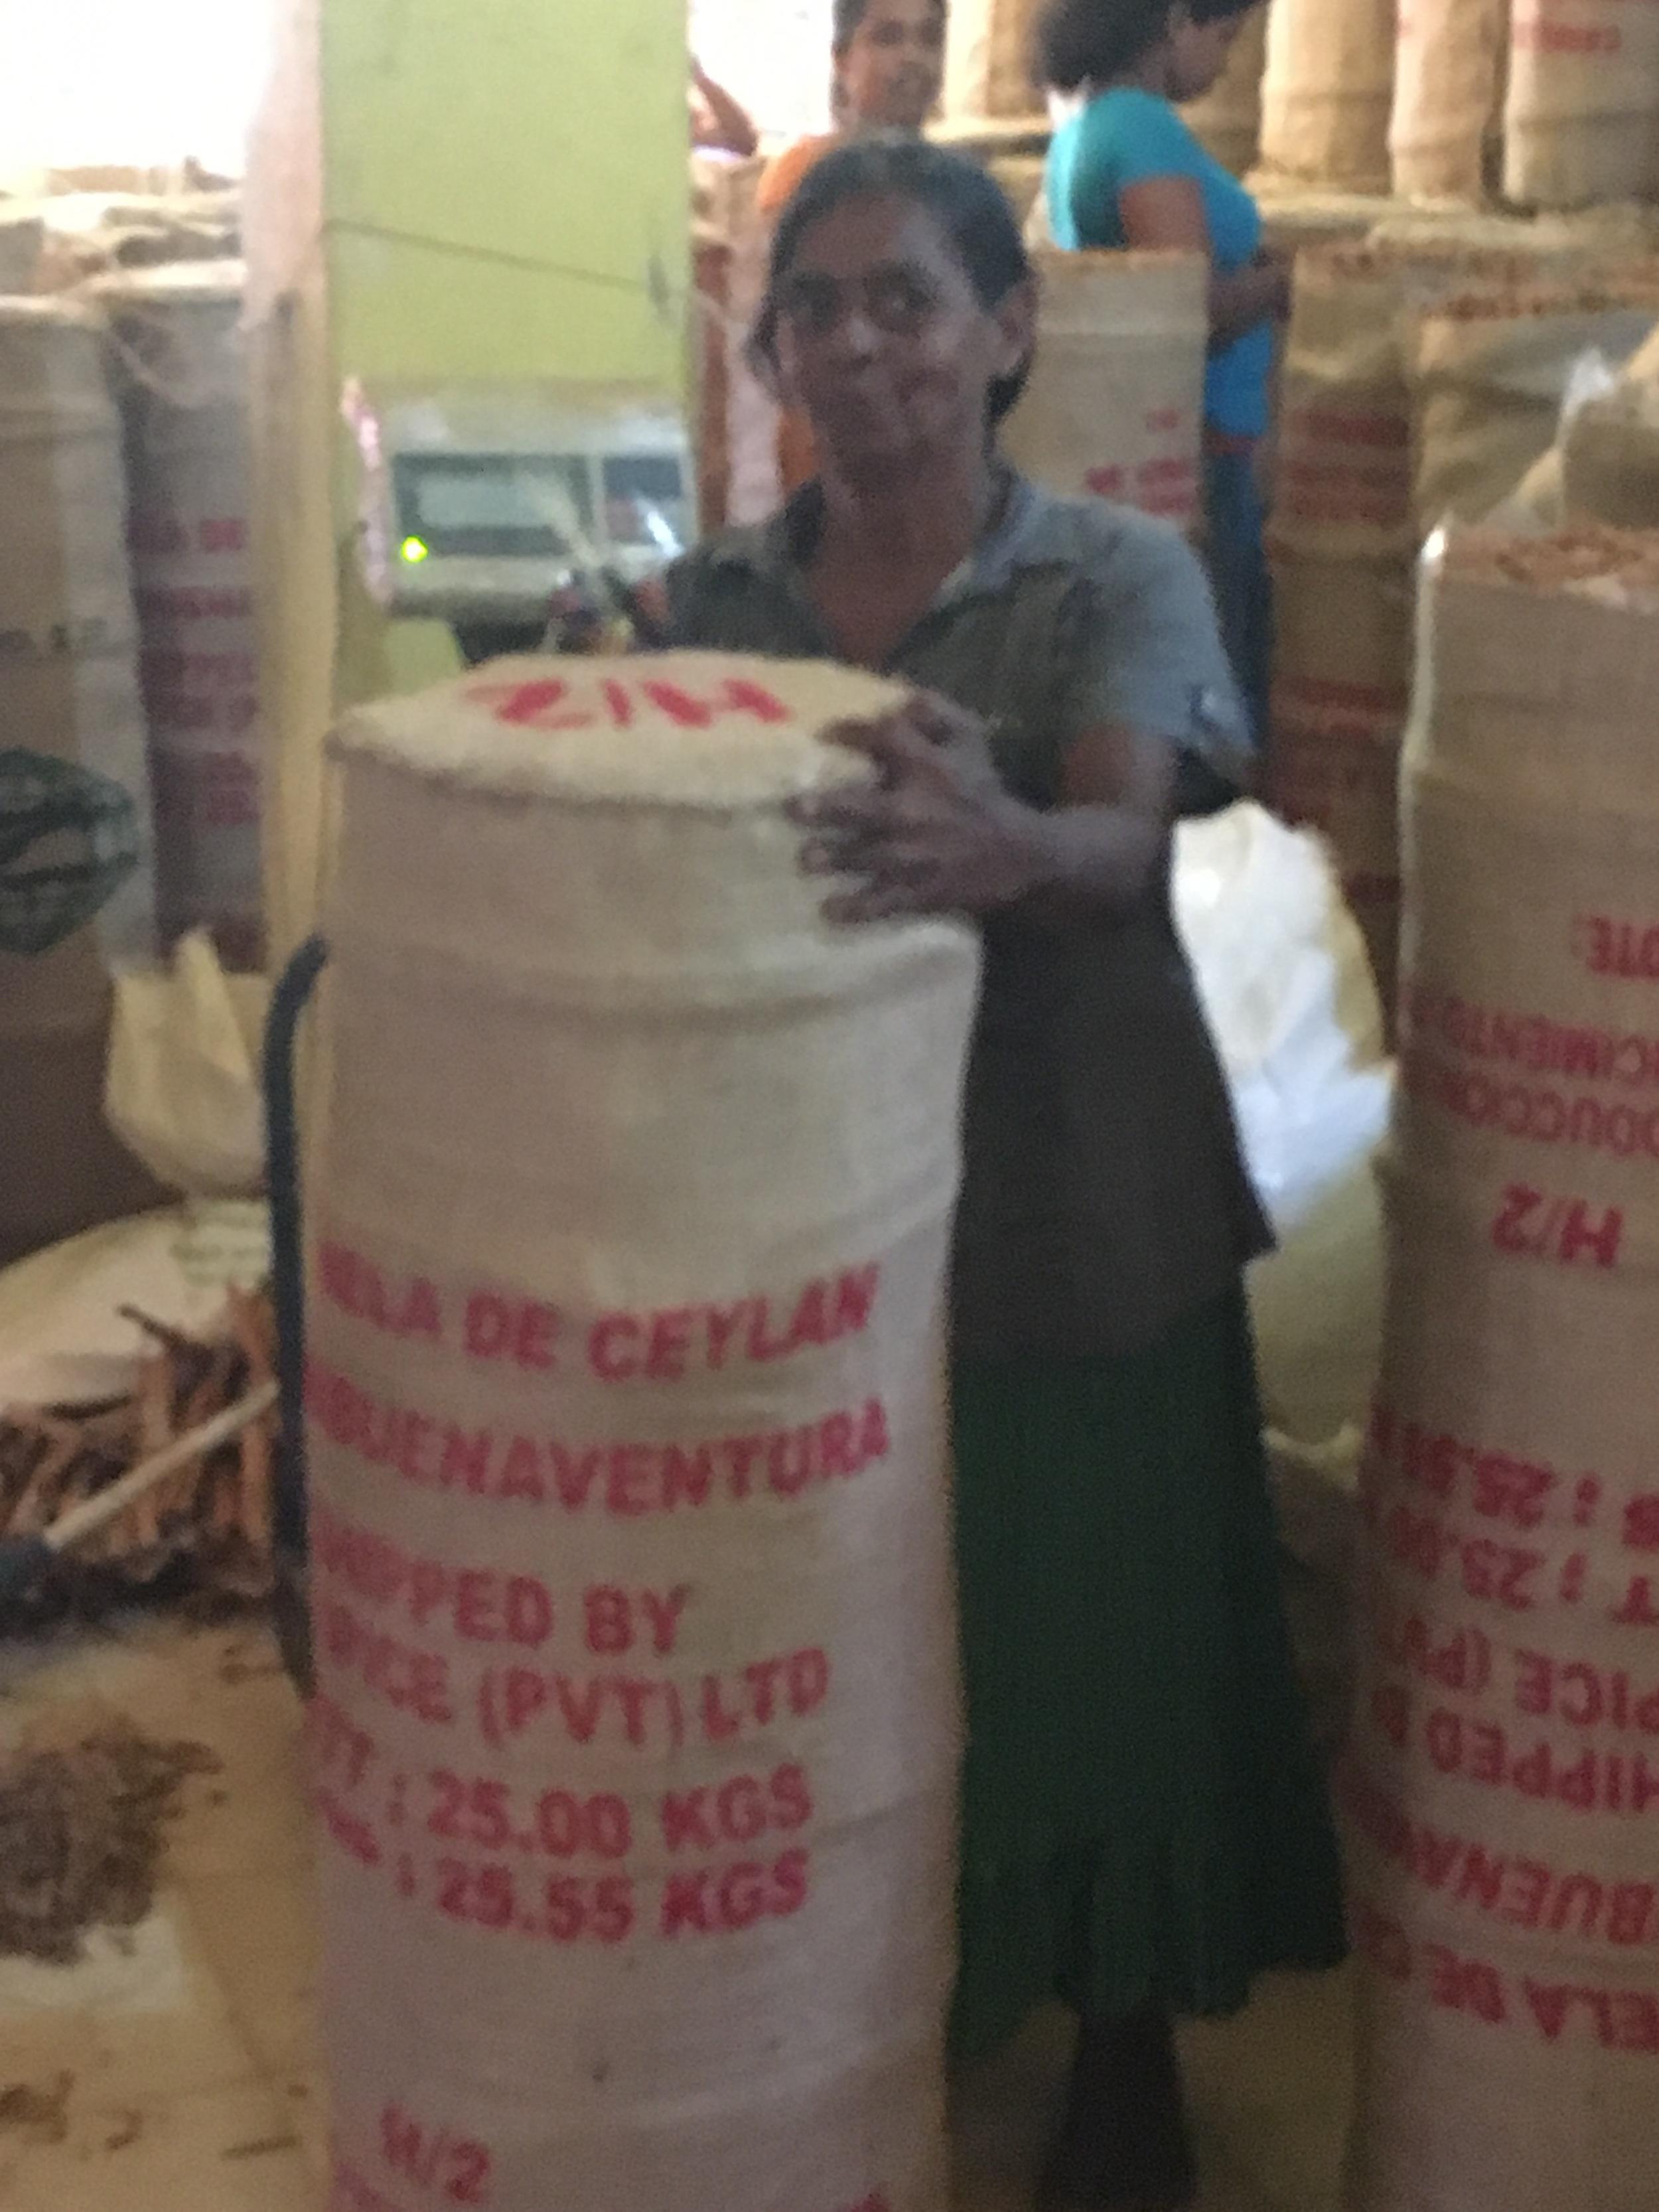 Todo o processo feito na fazenda é artesanal. Funcionando como uma cooperativa, os funcionários ganham seus salários como num sistema de distribuição de lucros. Aqui, as senhorinhas que costuram as embalagens de socos de sisal para exportação. 25 quilos de canela!